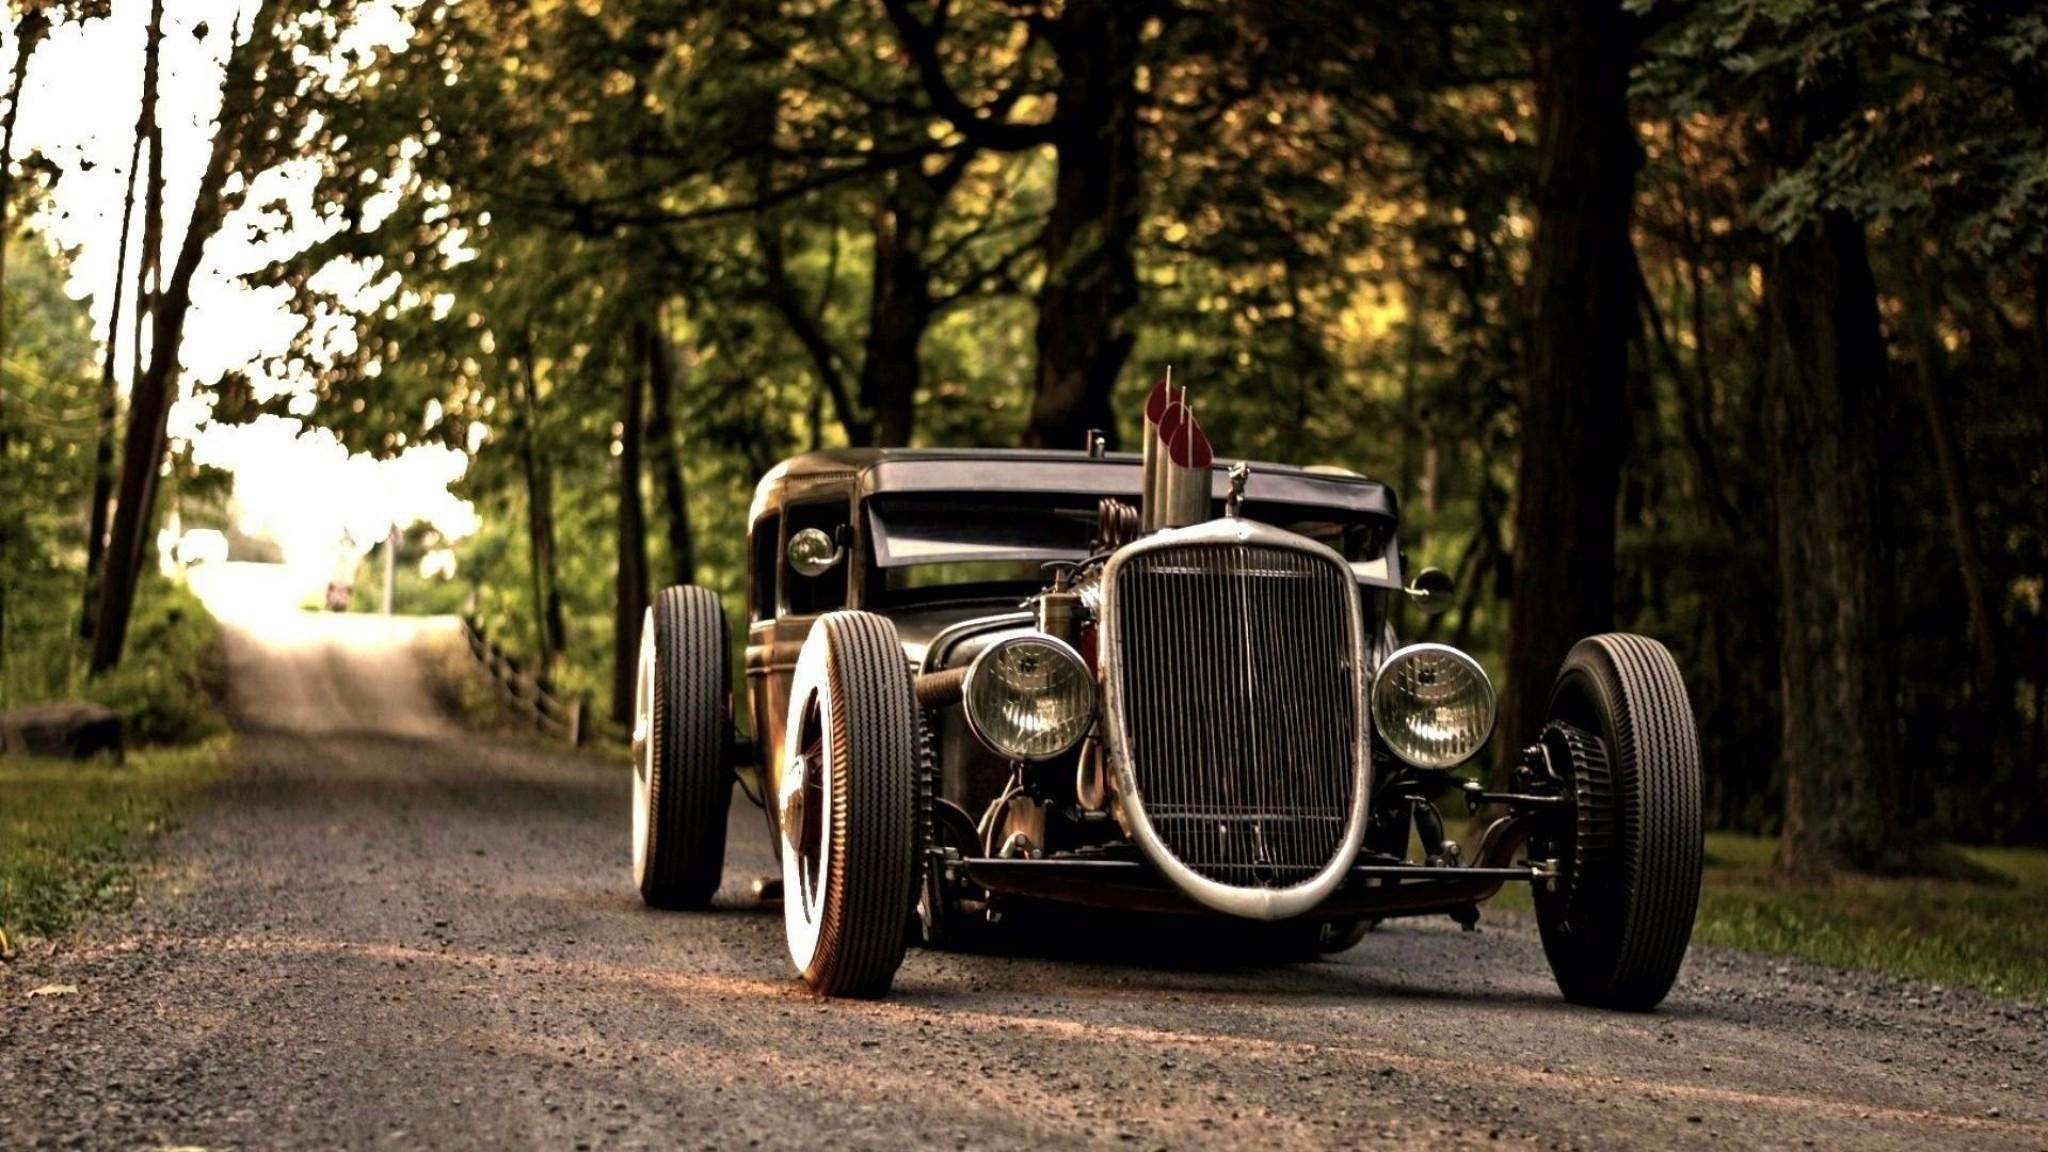 были фото старинных машин для фона телефона итоге популярный певец